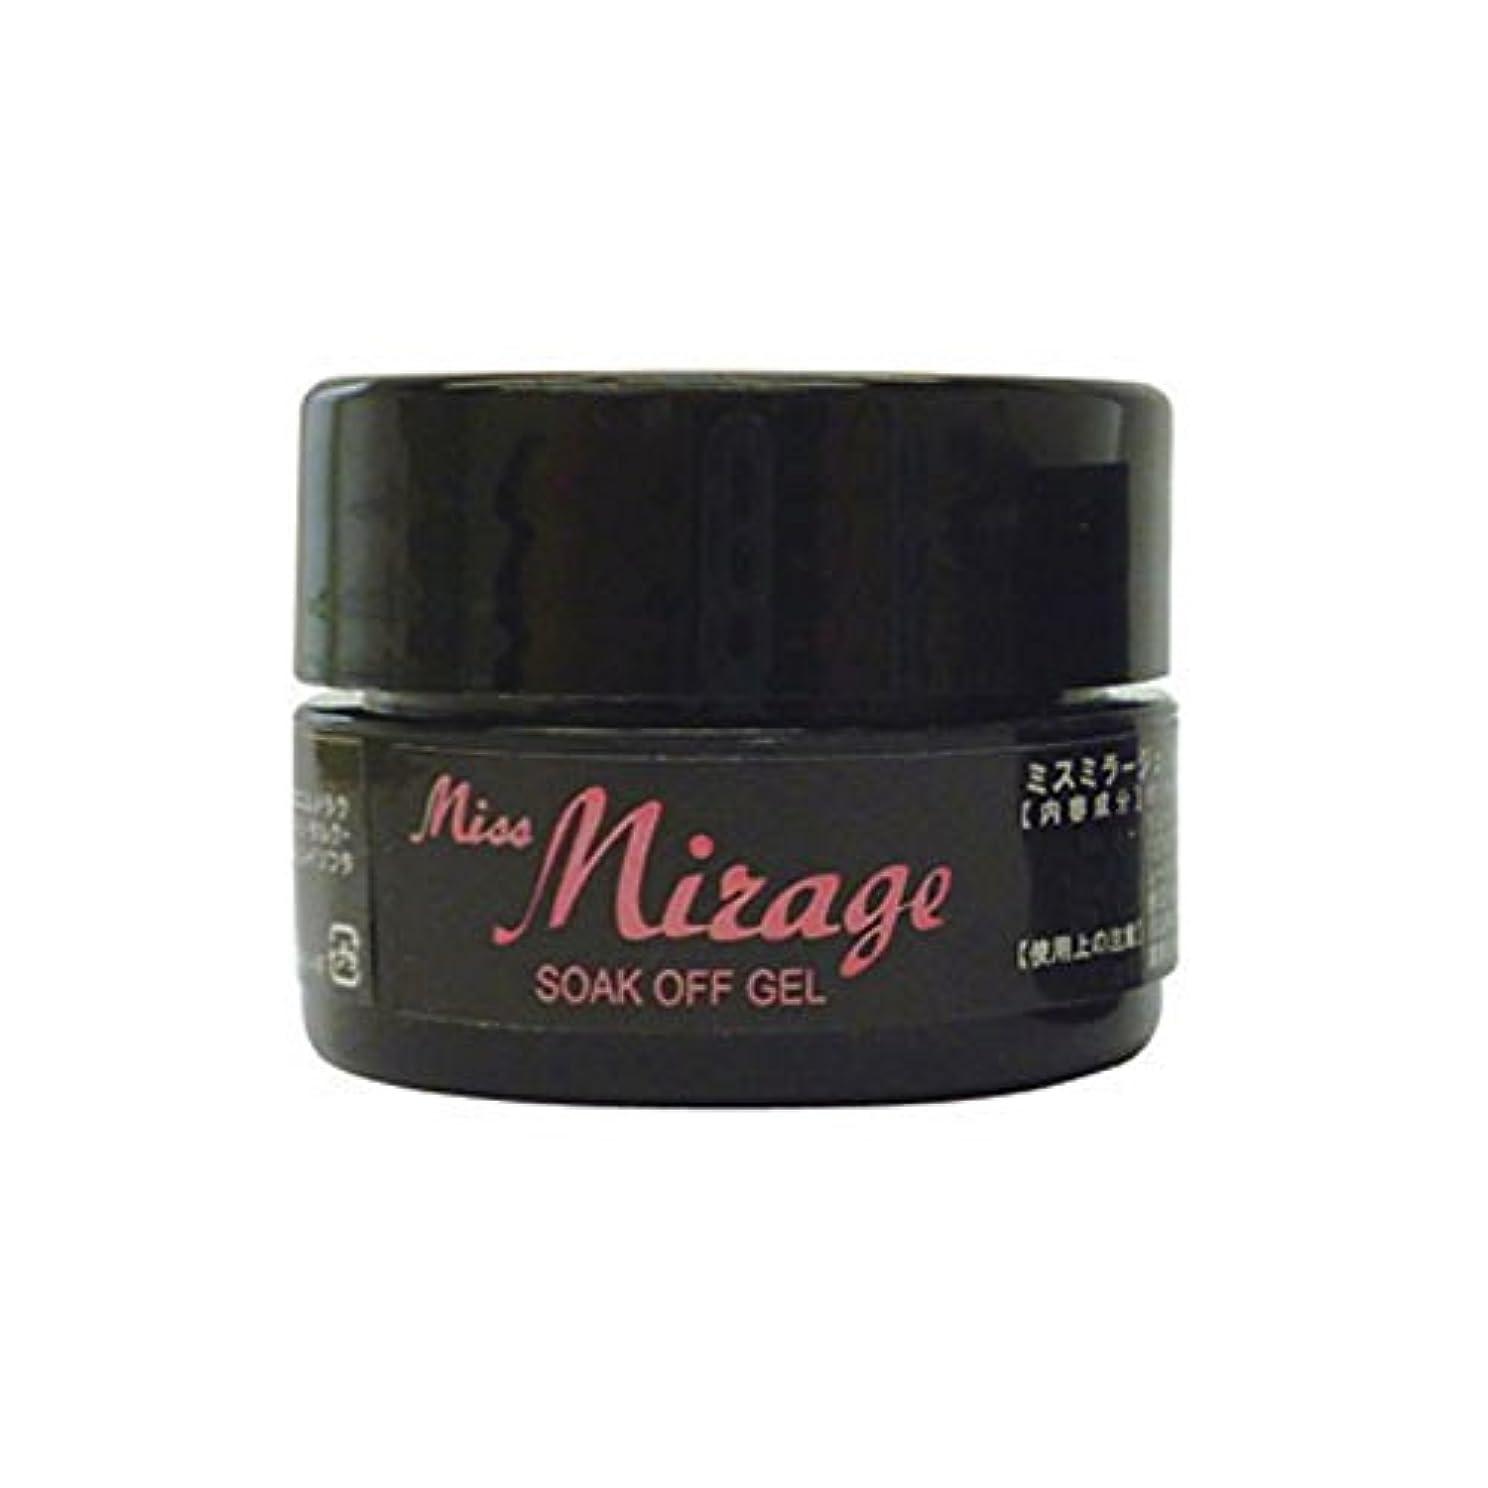 Miss Mirage カラージェル S29S ミルフィーユベージュ 2.5g ソークオフジェル UV/LED対応